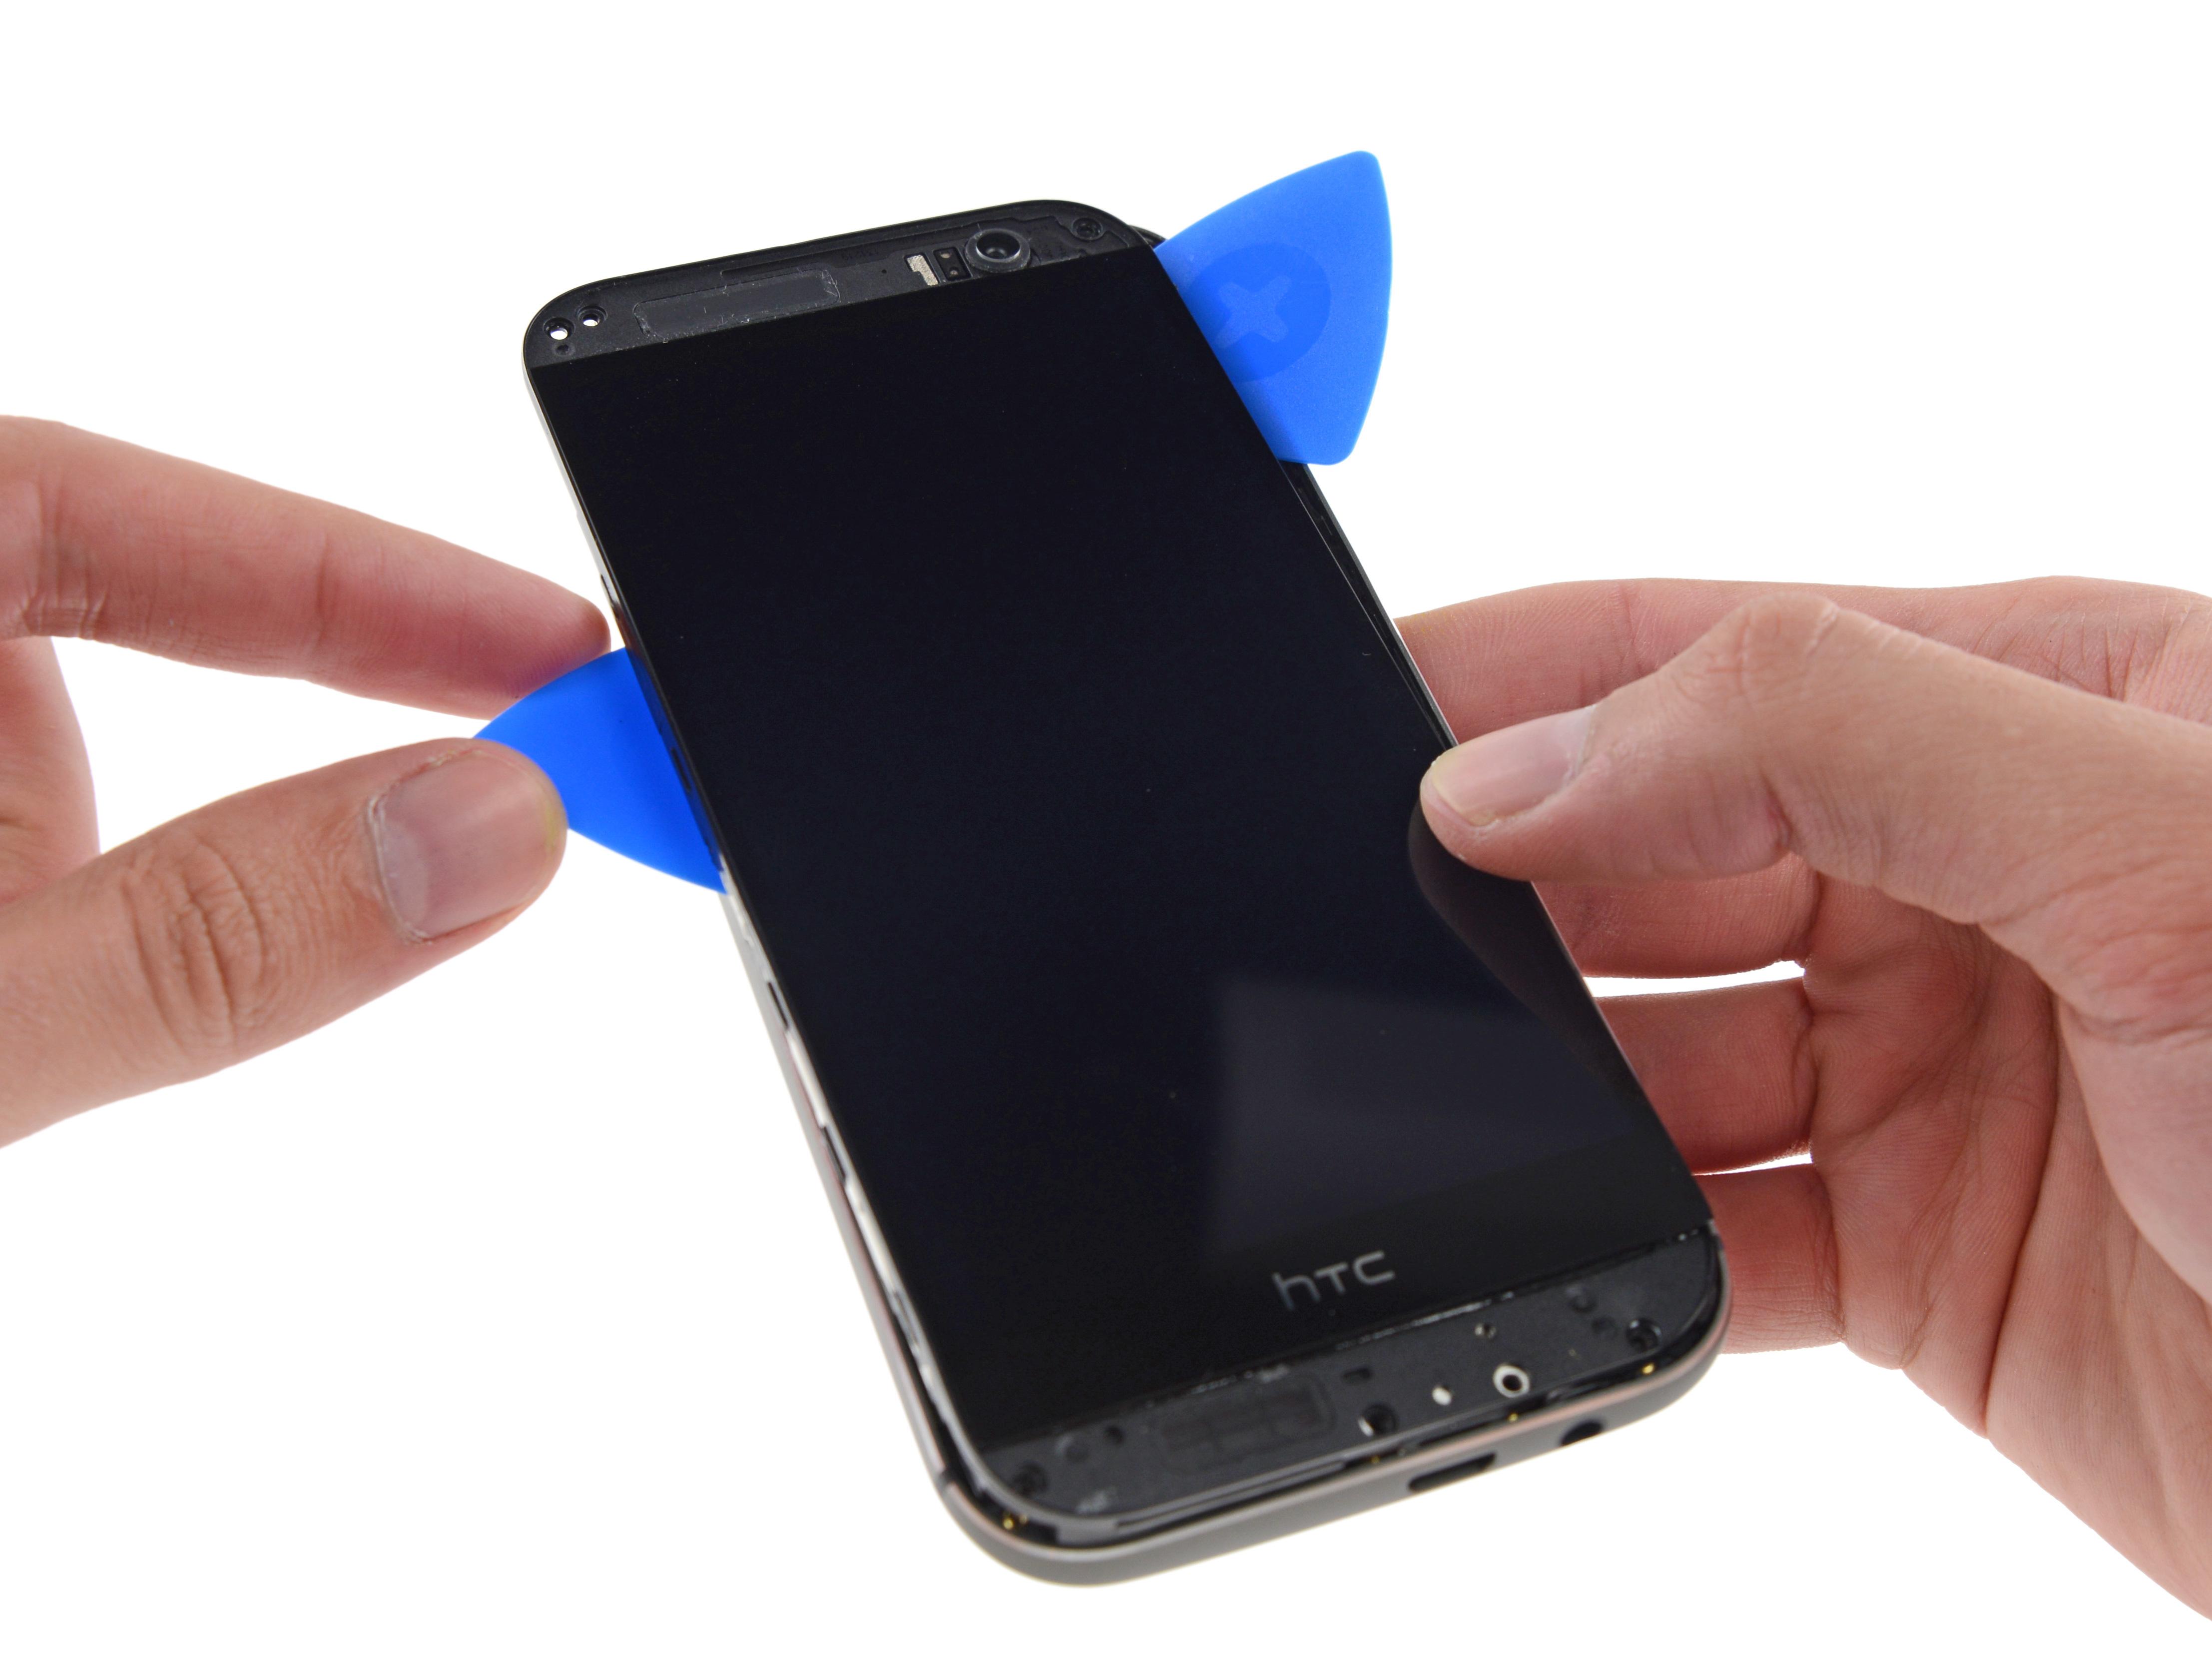 https://www.ifixit.com/Teardown/HTC+One+%28M8%29+Teardown/23615